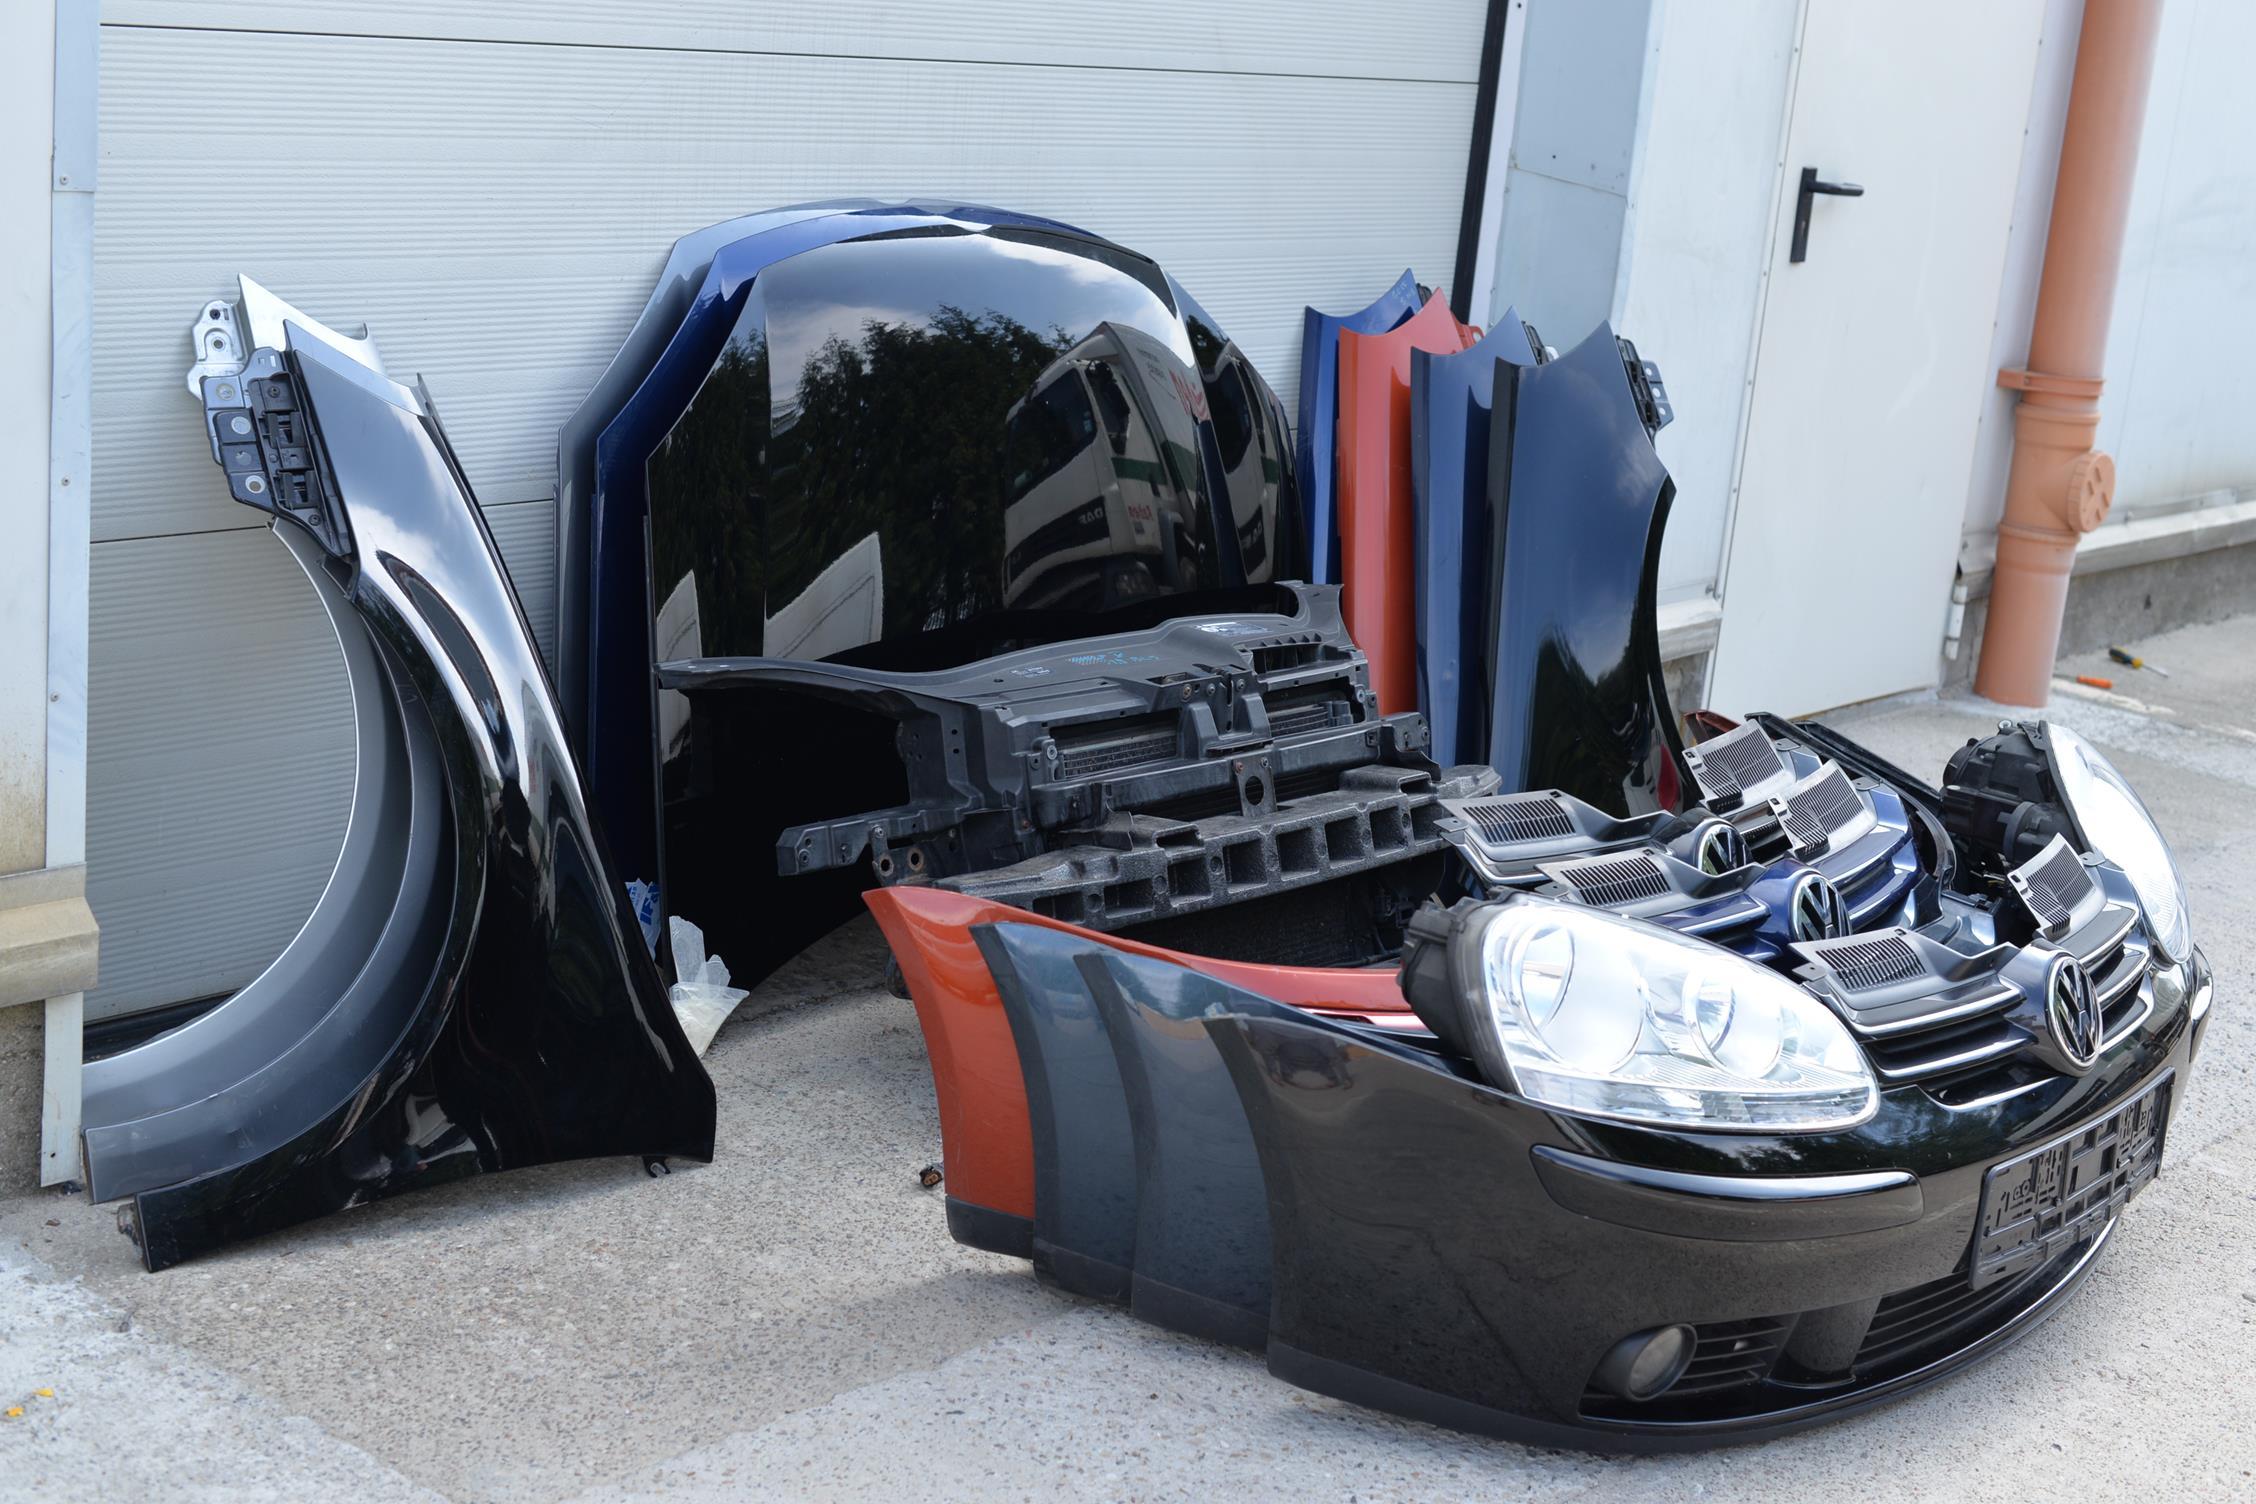 [КАПОТ ZDERZAK КРЫЛО PAS REFLEKTOR VW GOLF V 5 из Польши]изображение 2